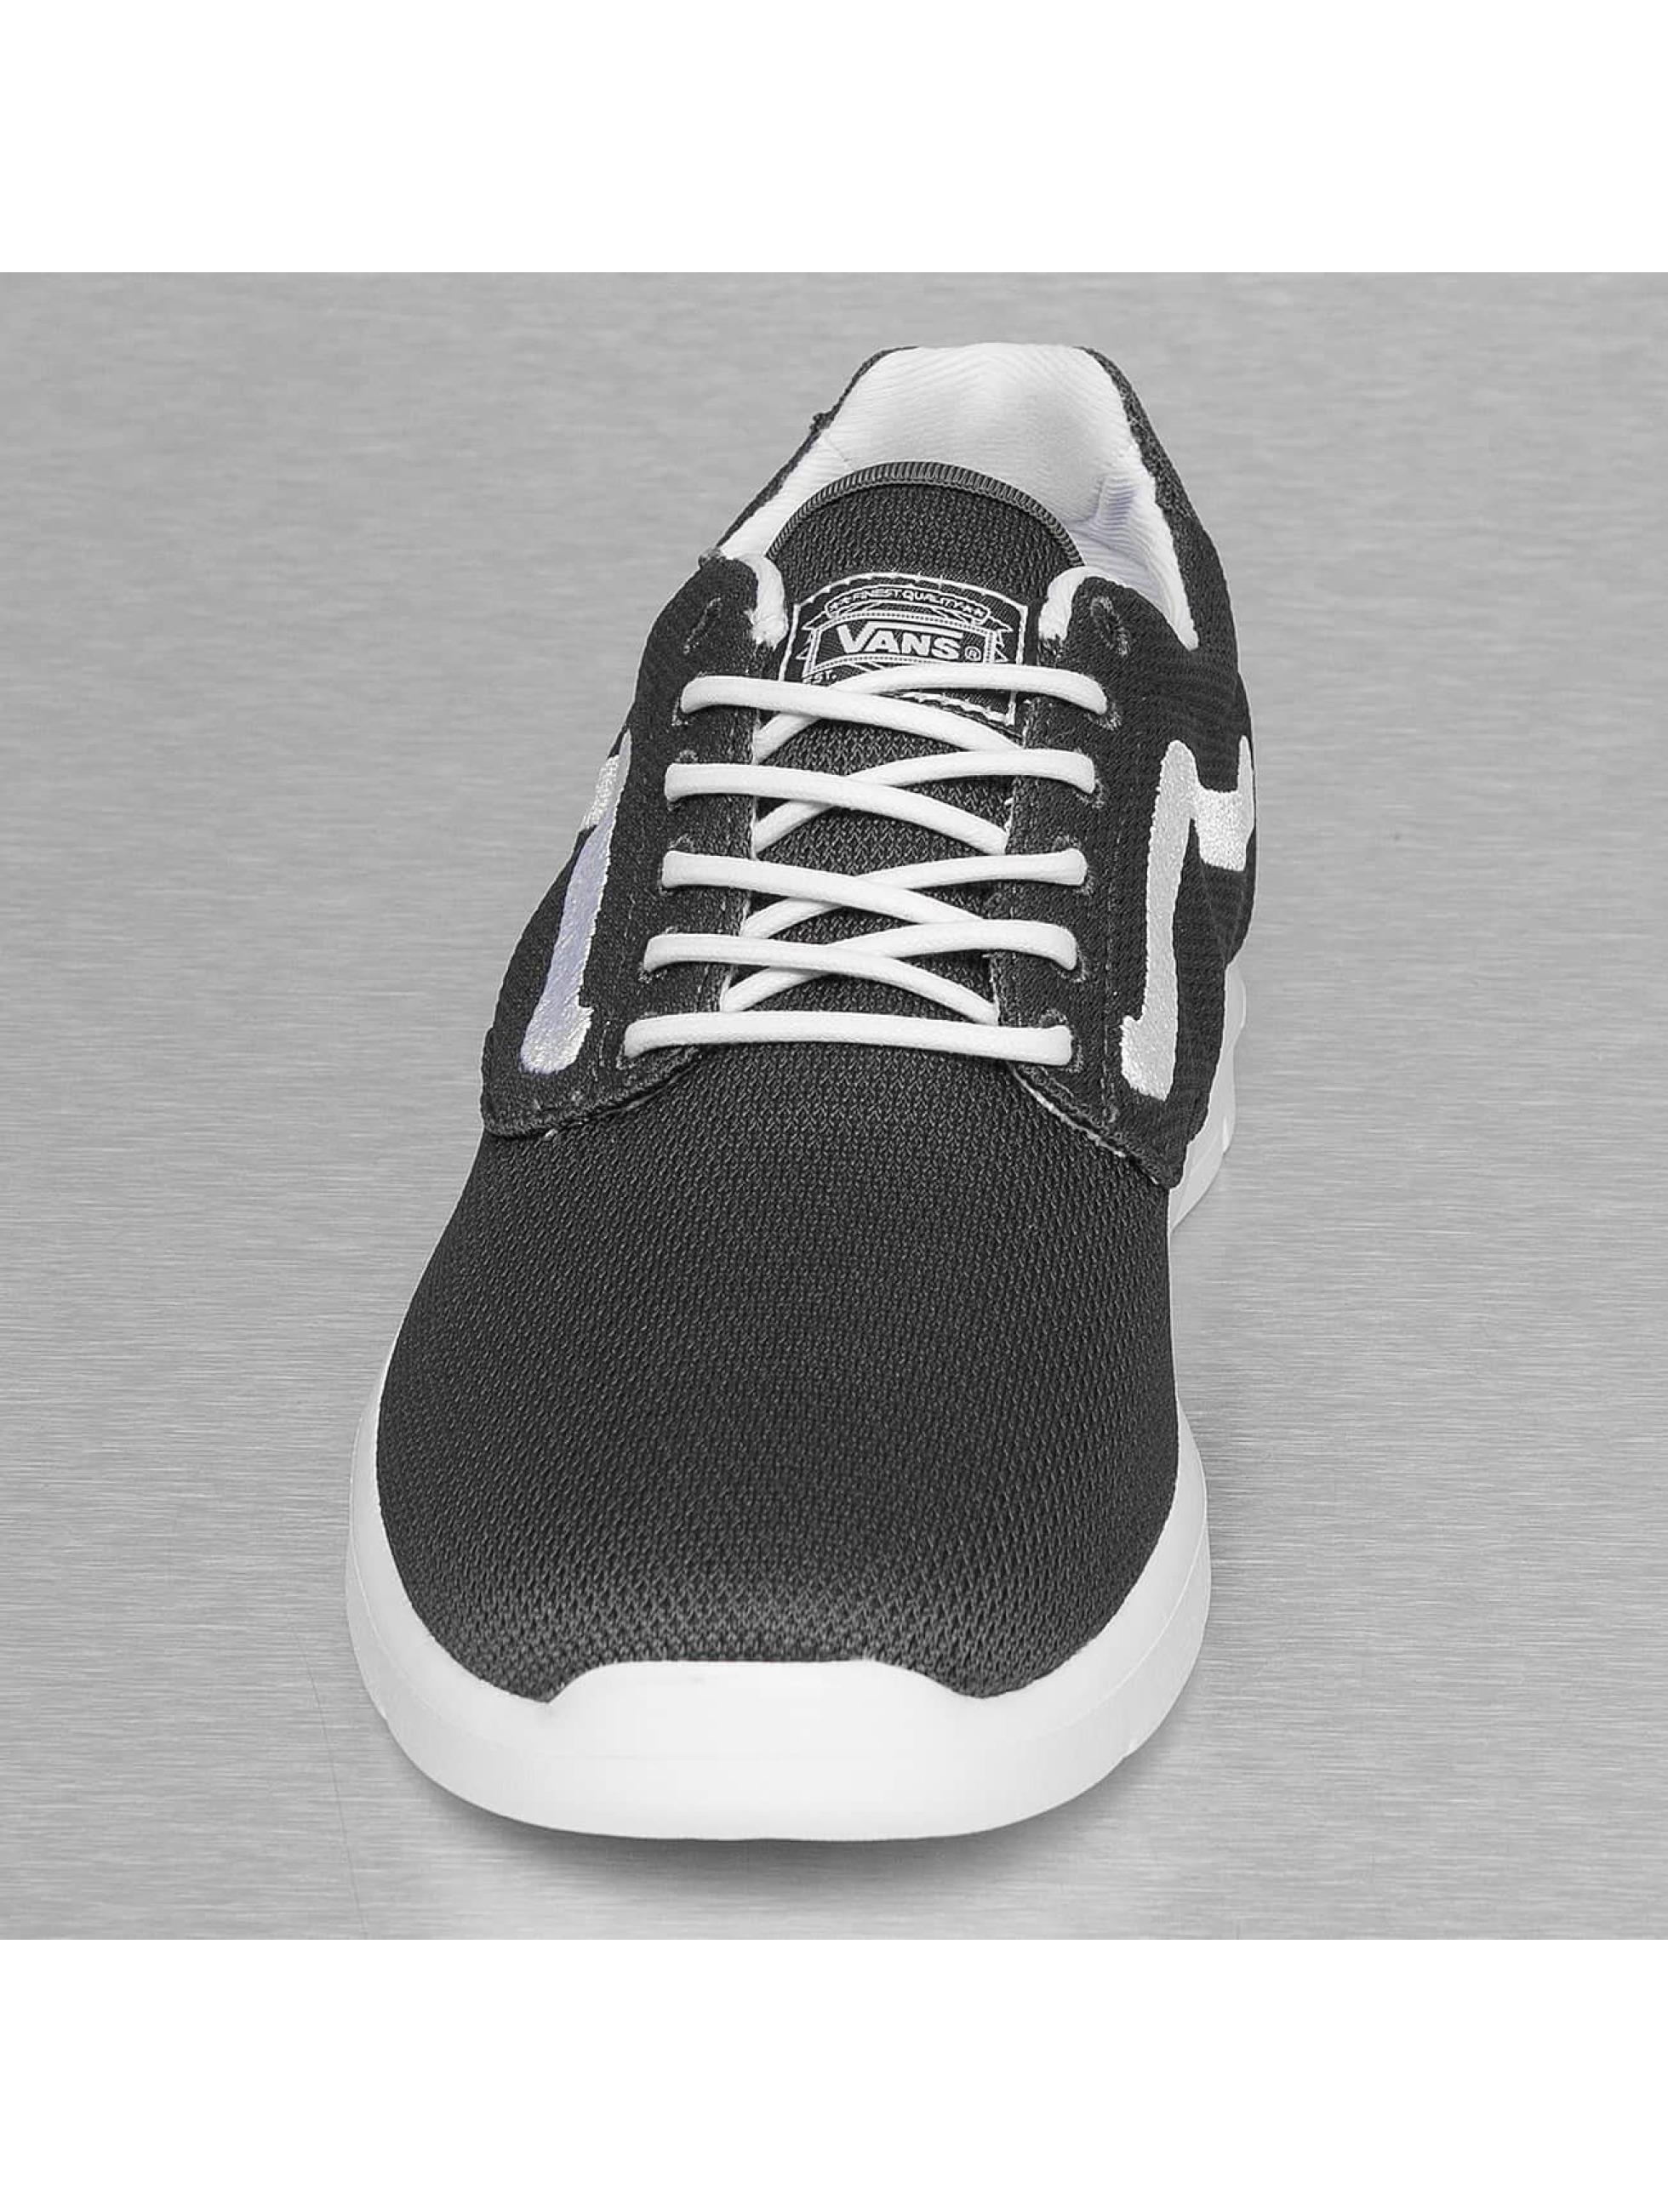 Vans Sneakers Iso 1.5 Mesh šedá